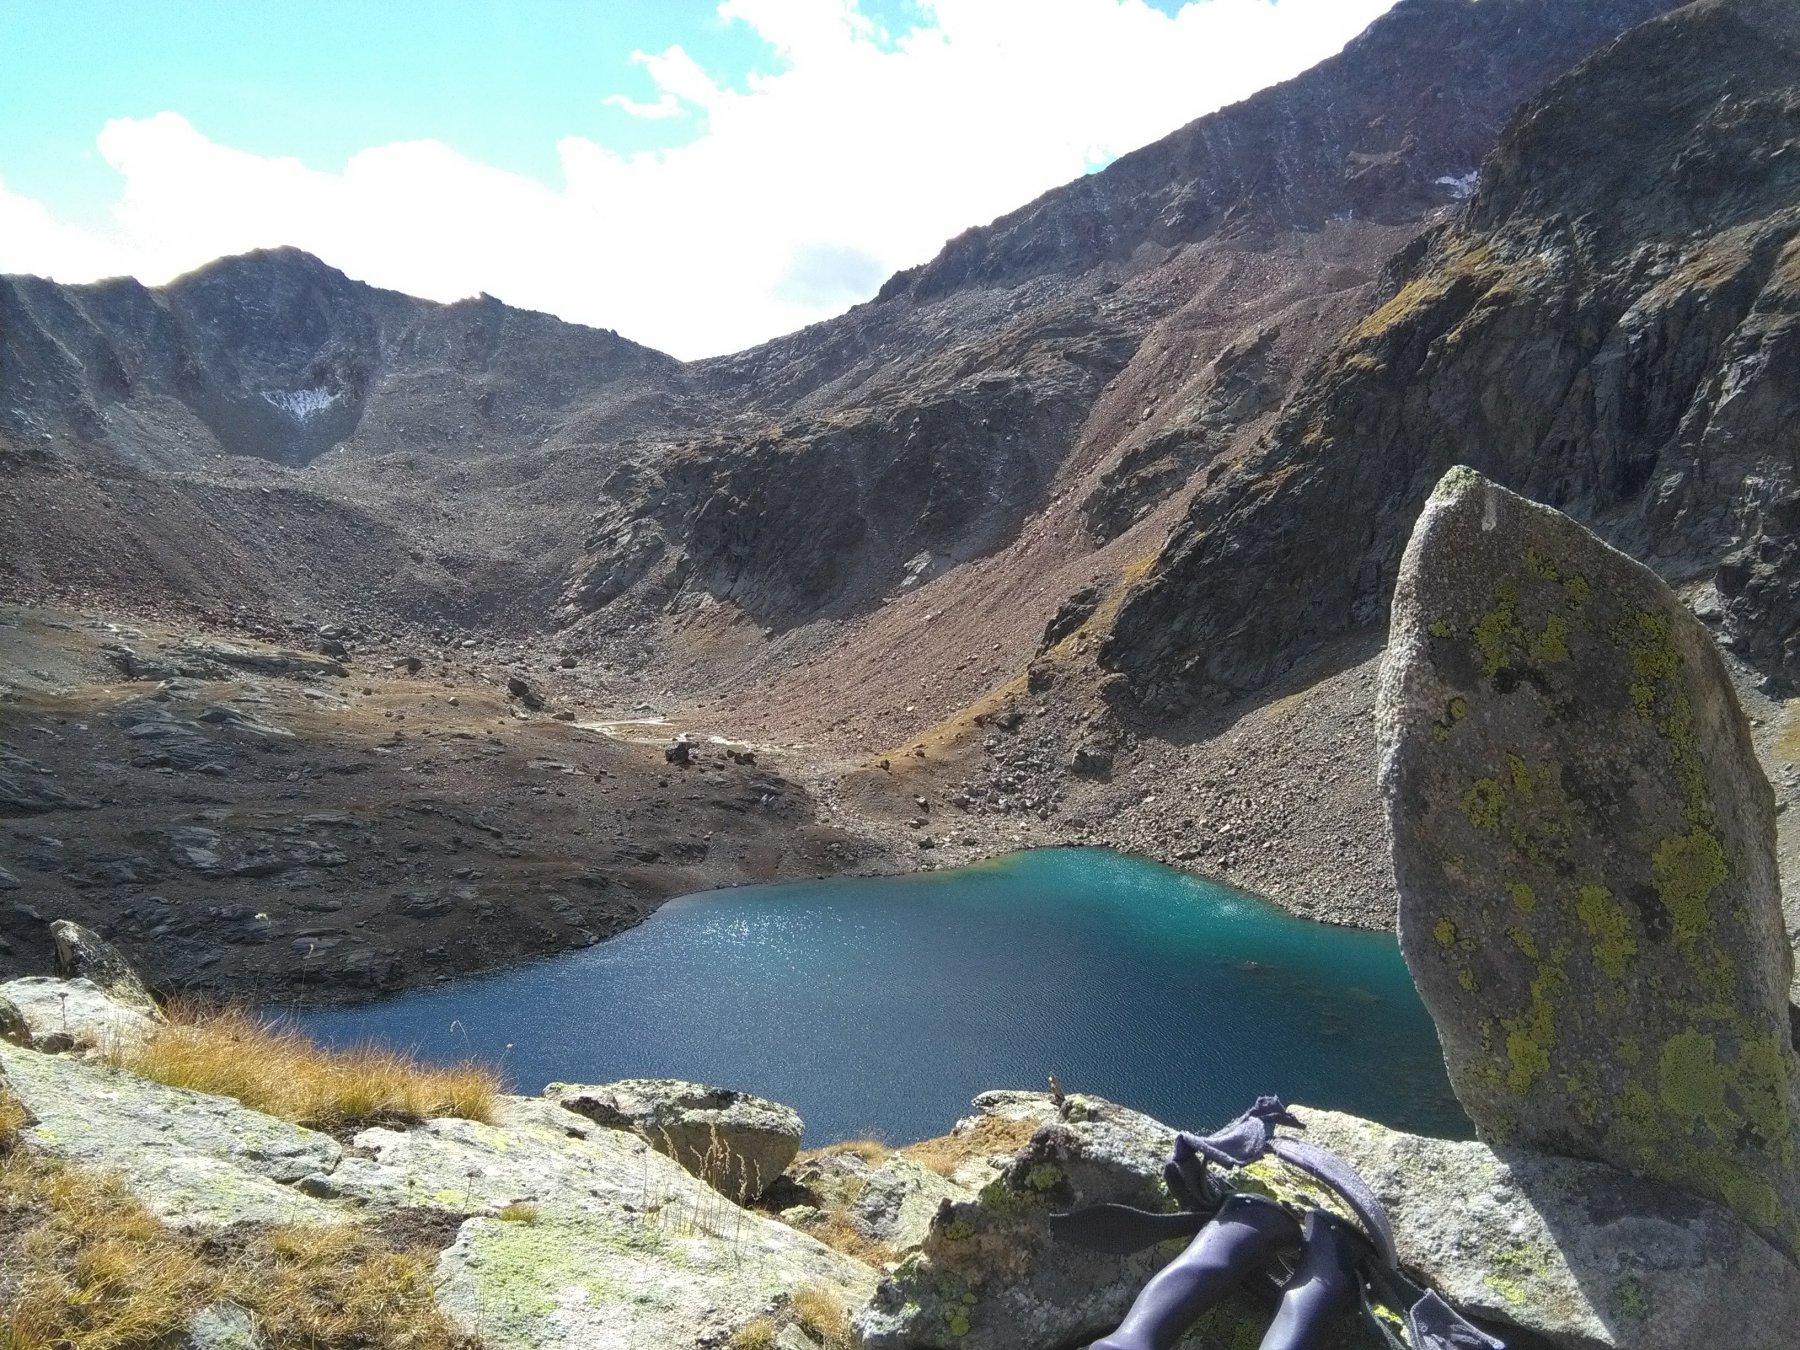 Terzo lago (lac d'en haut)